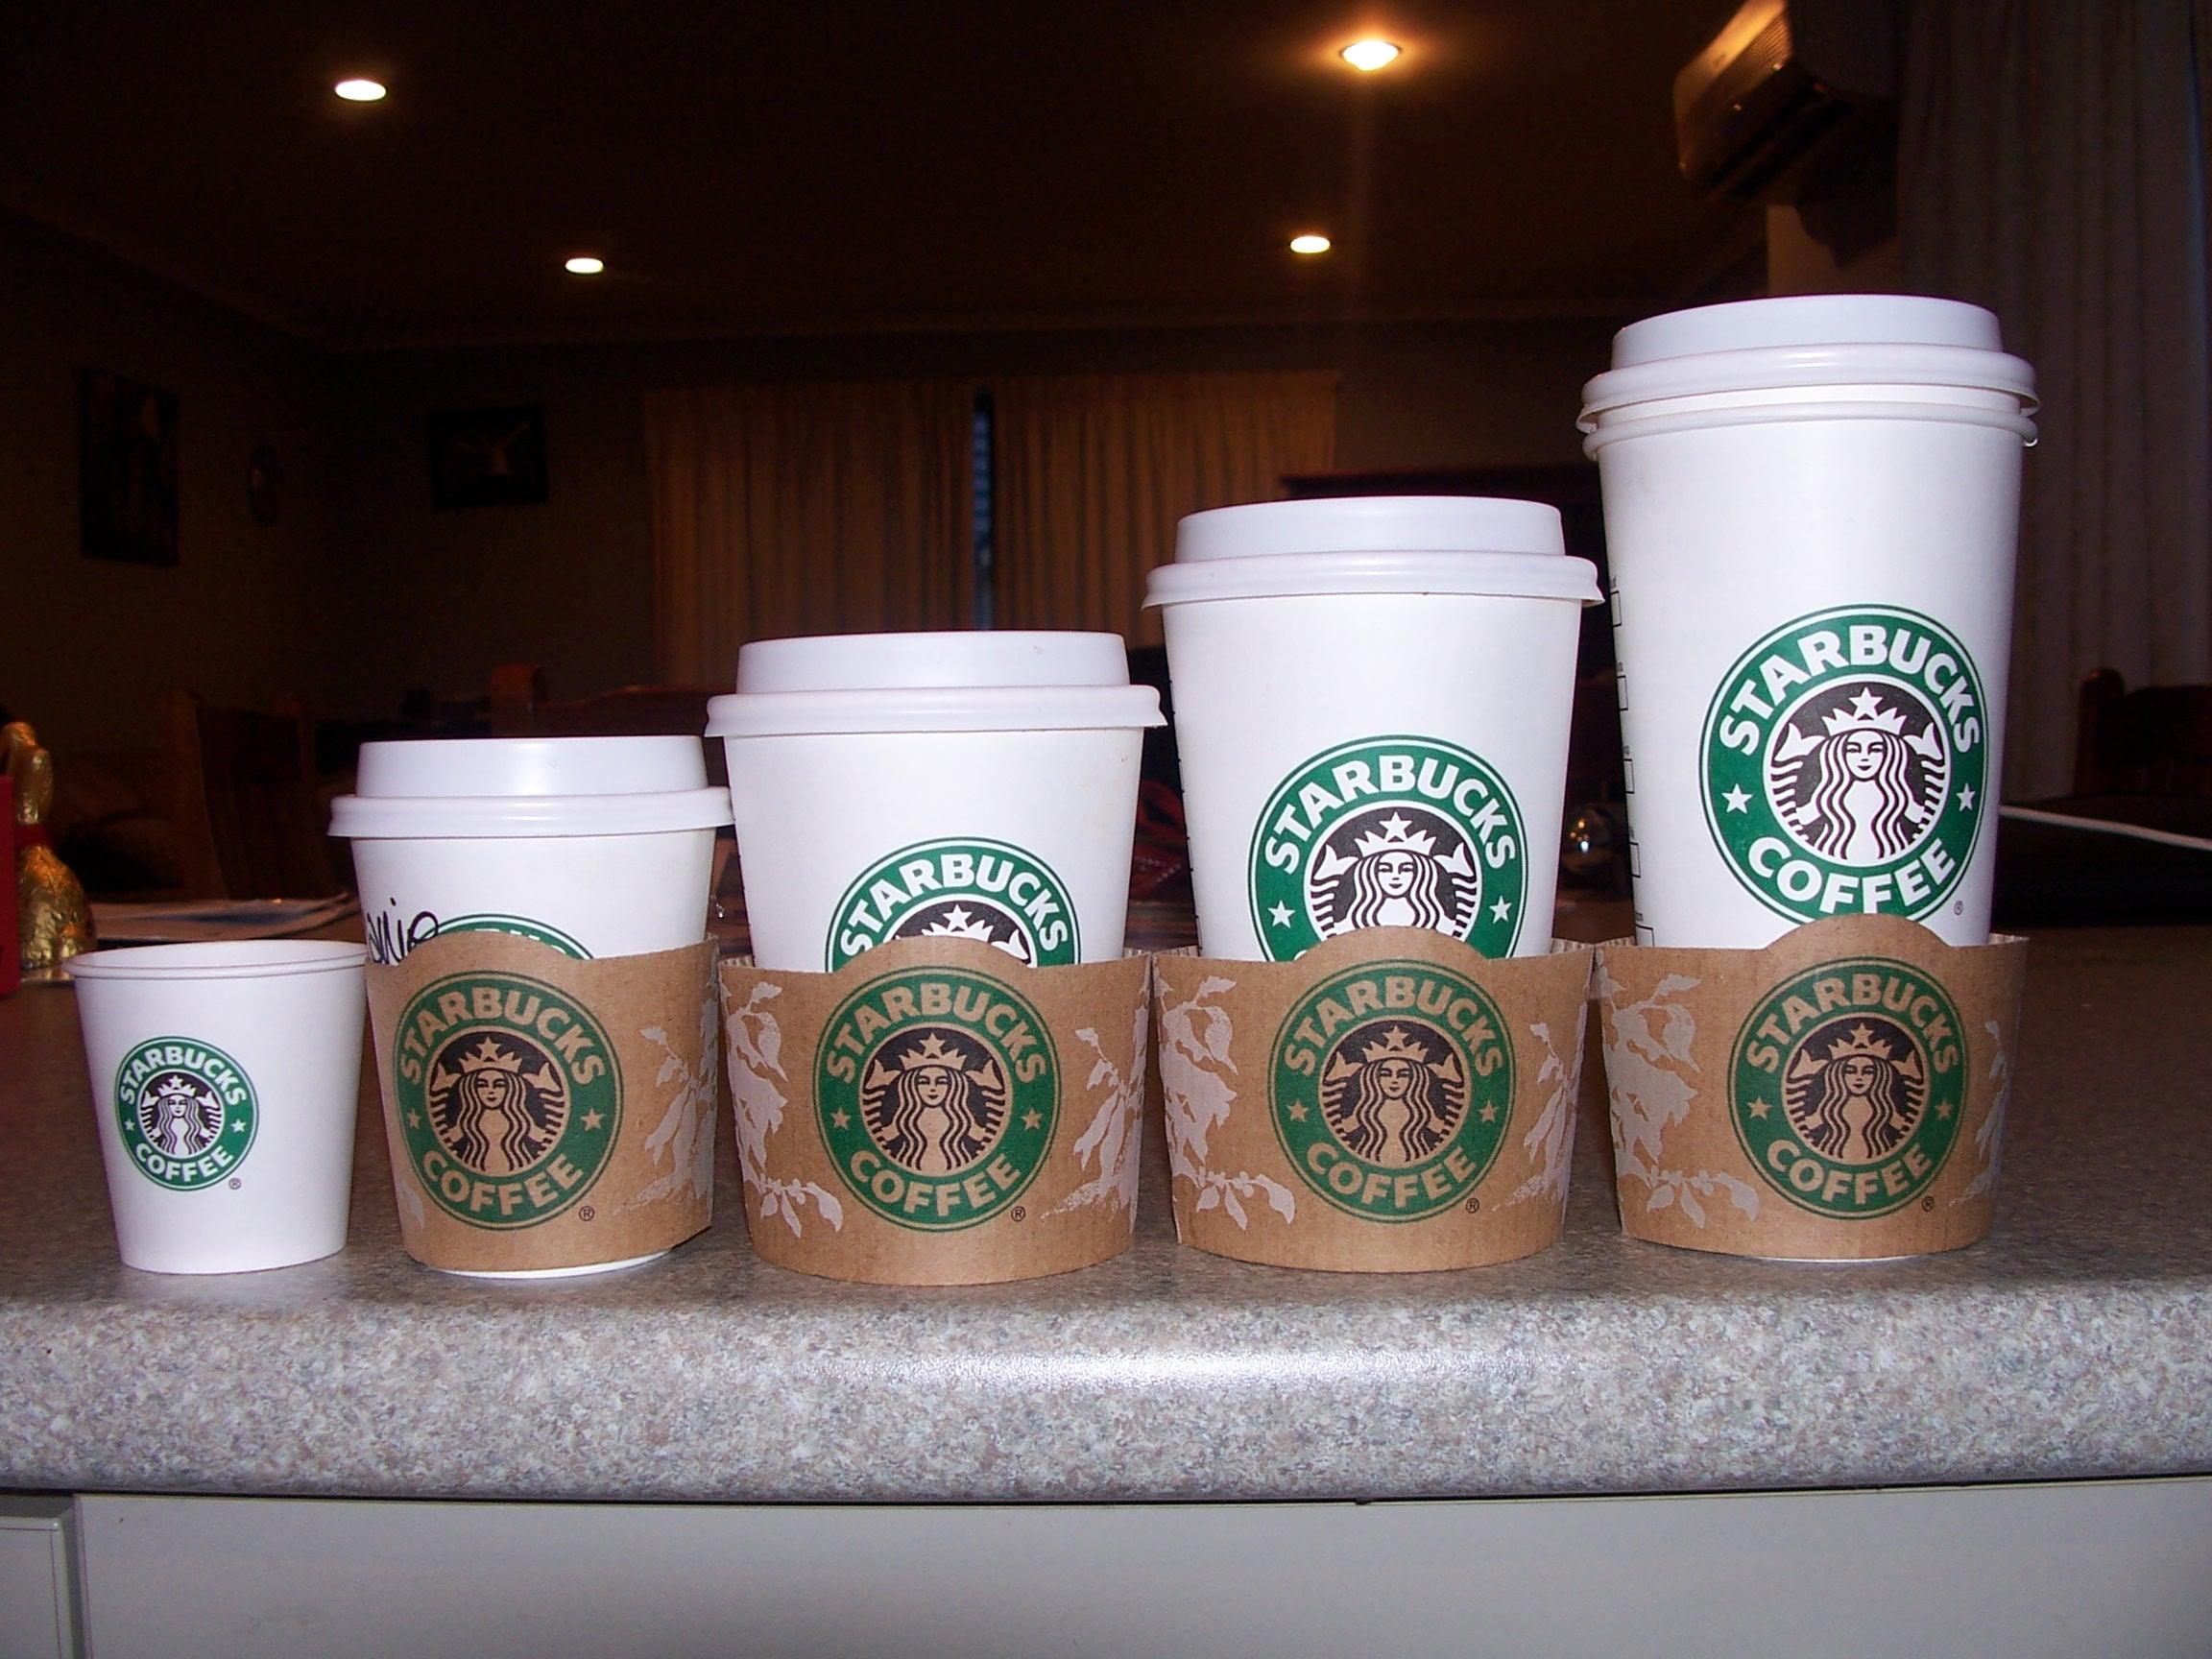 Starbucks recunoaste ca foloseste la prepararea bauturilor un extract din gandaci